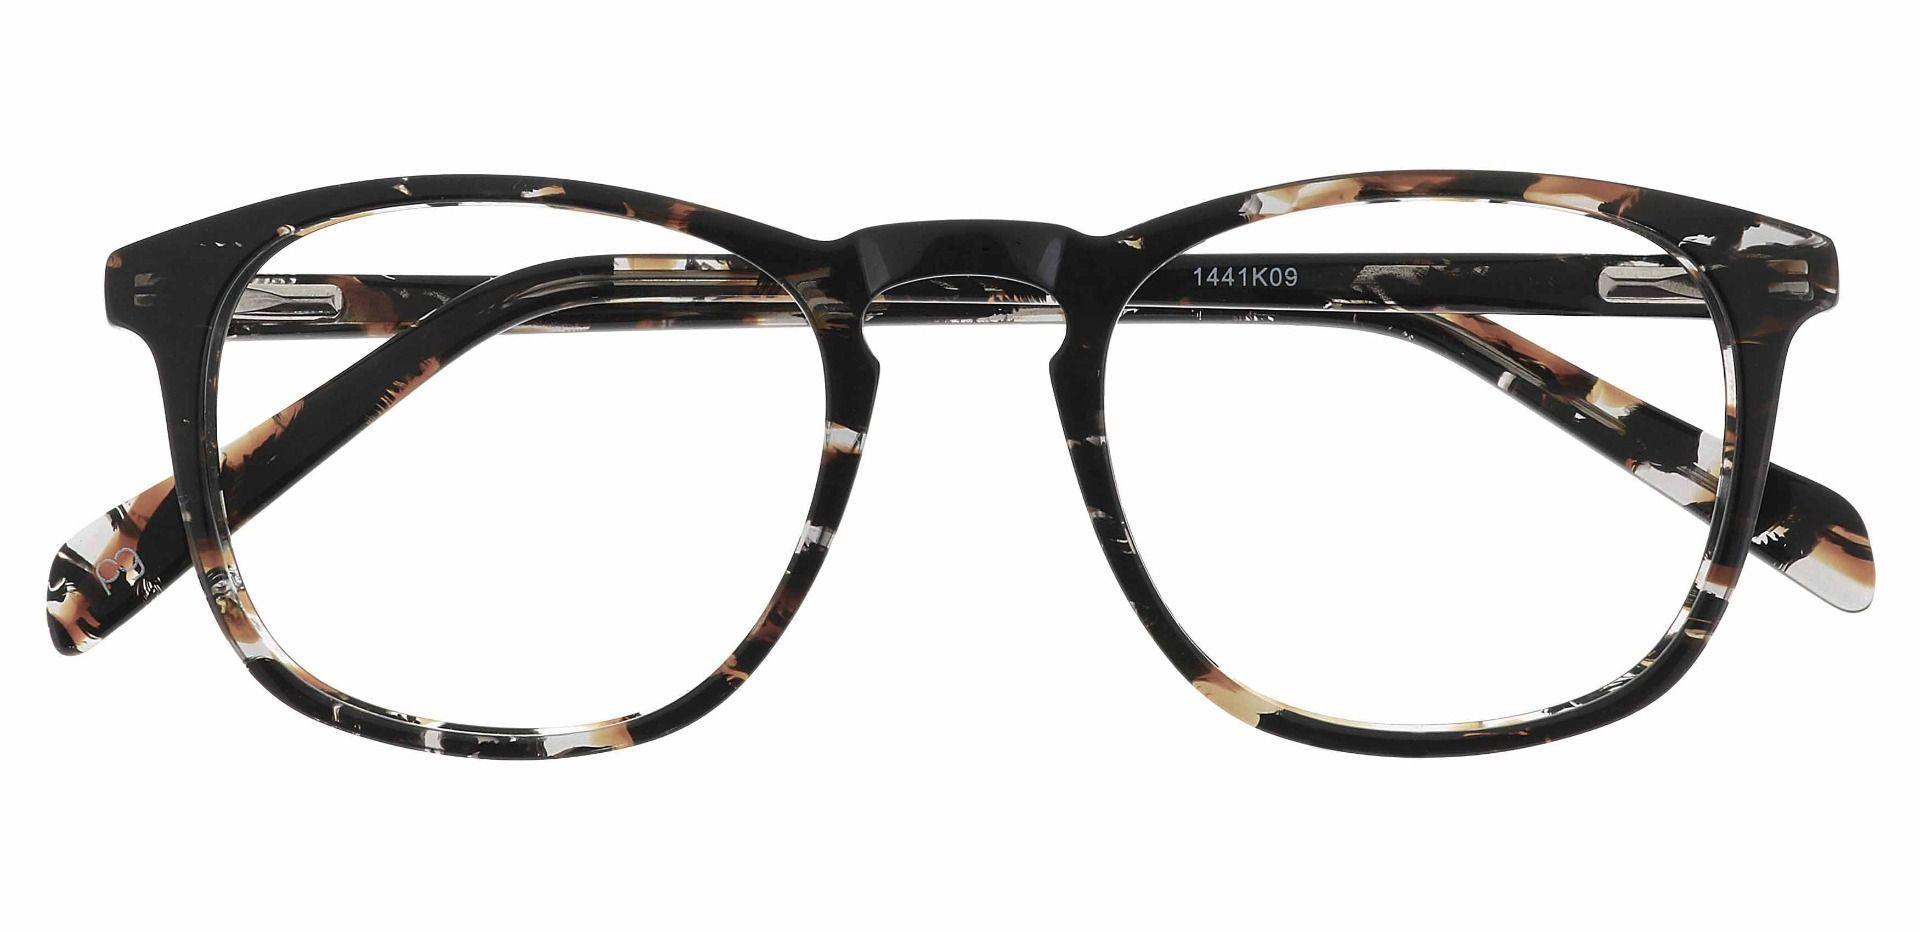 Venti Square Blue Light Blocking Glasses - Black